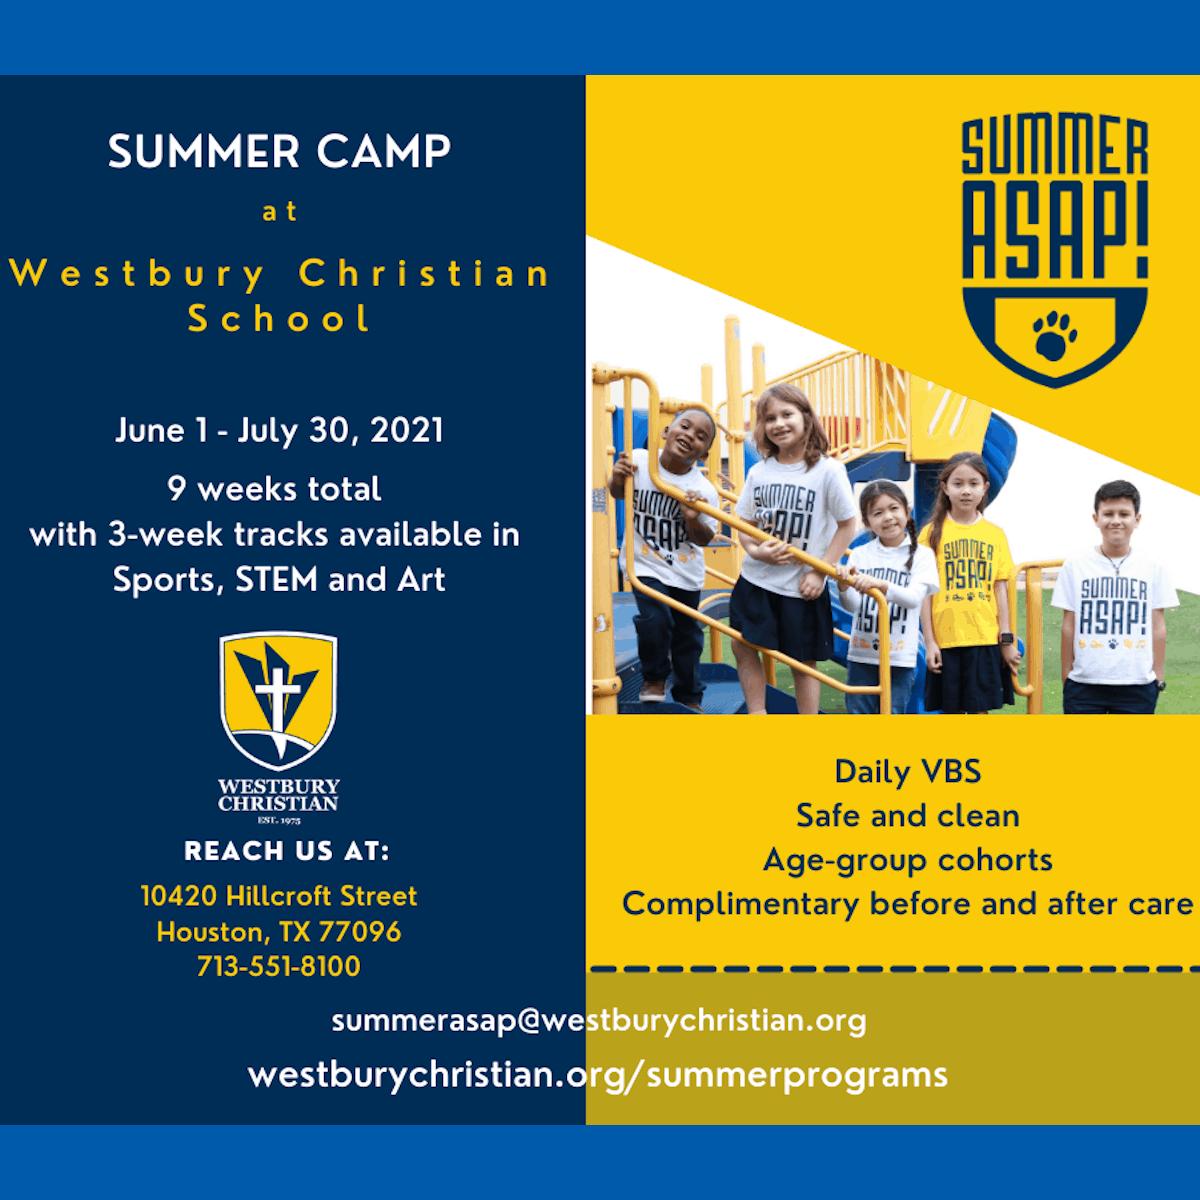 Westbury Christian School Summer Camp